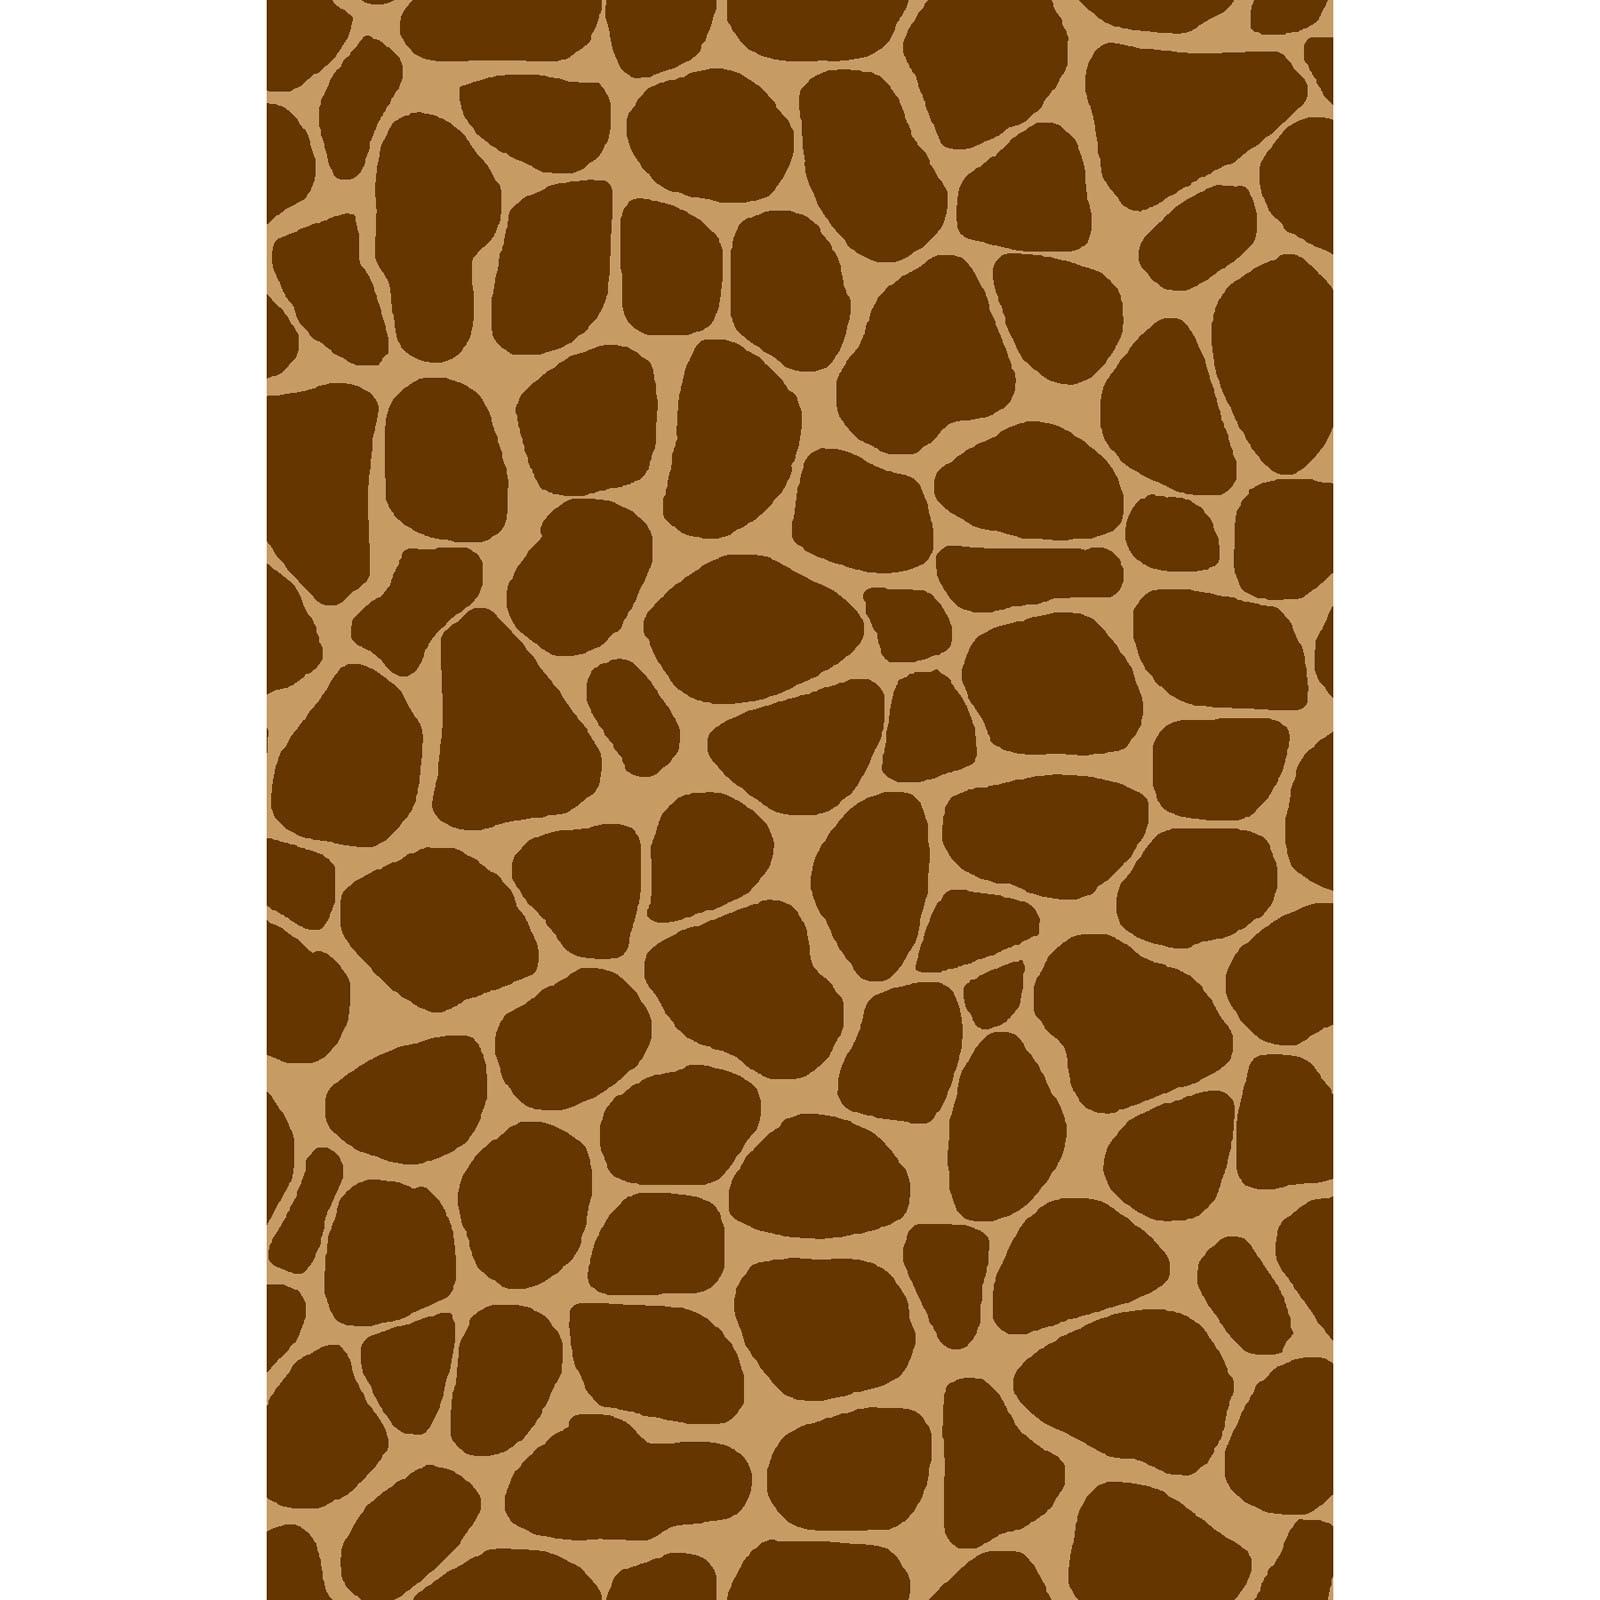 Zoe the Giraffe - Brown Print